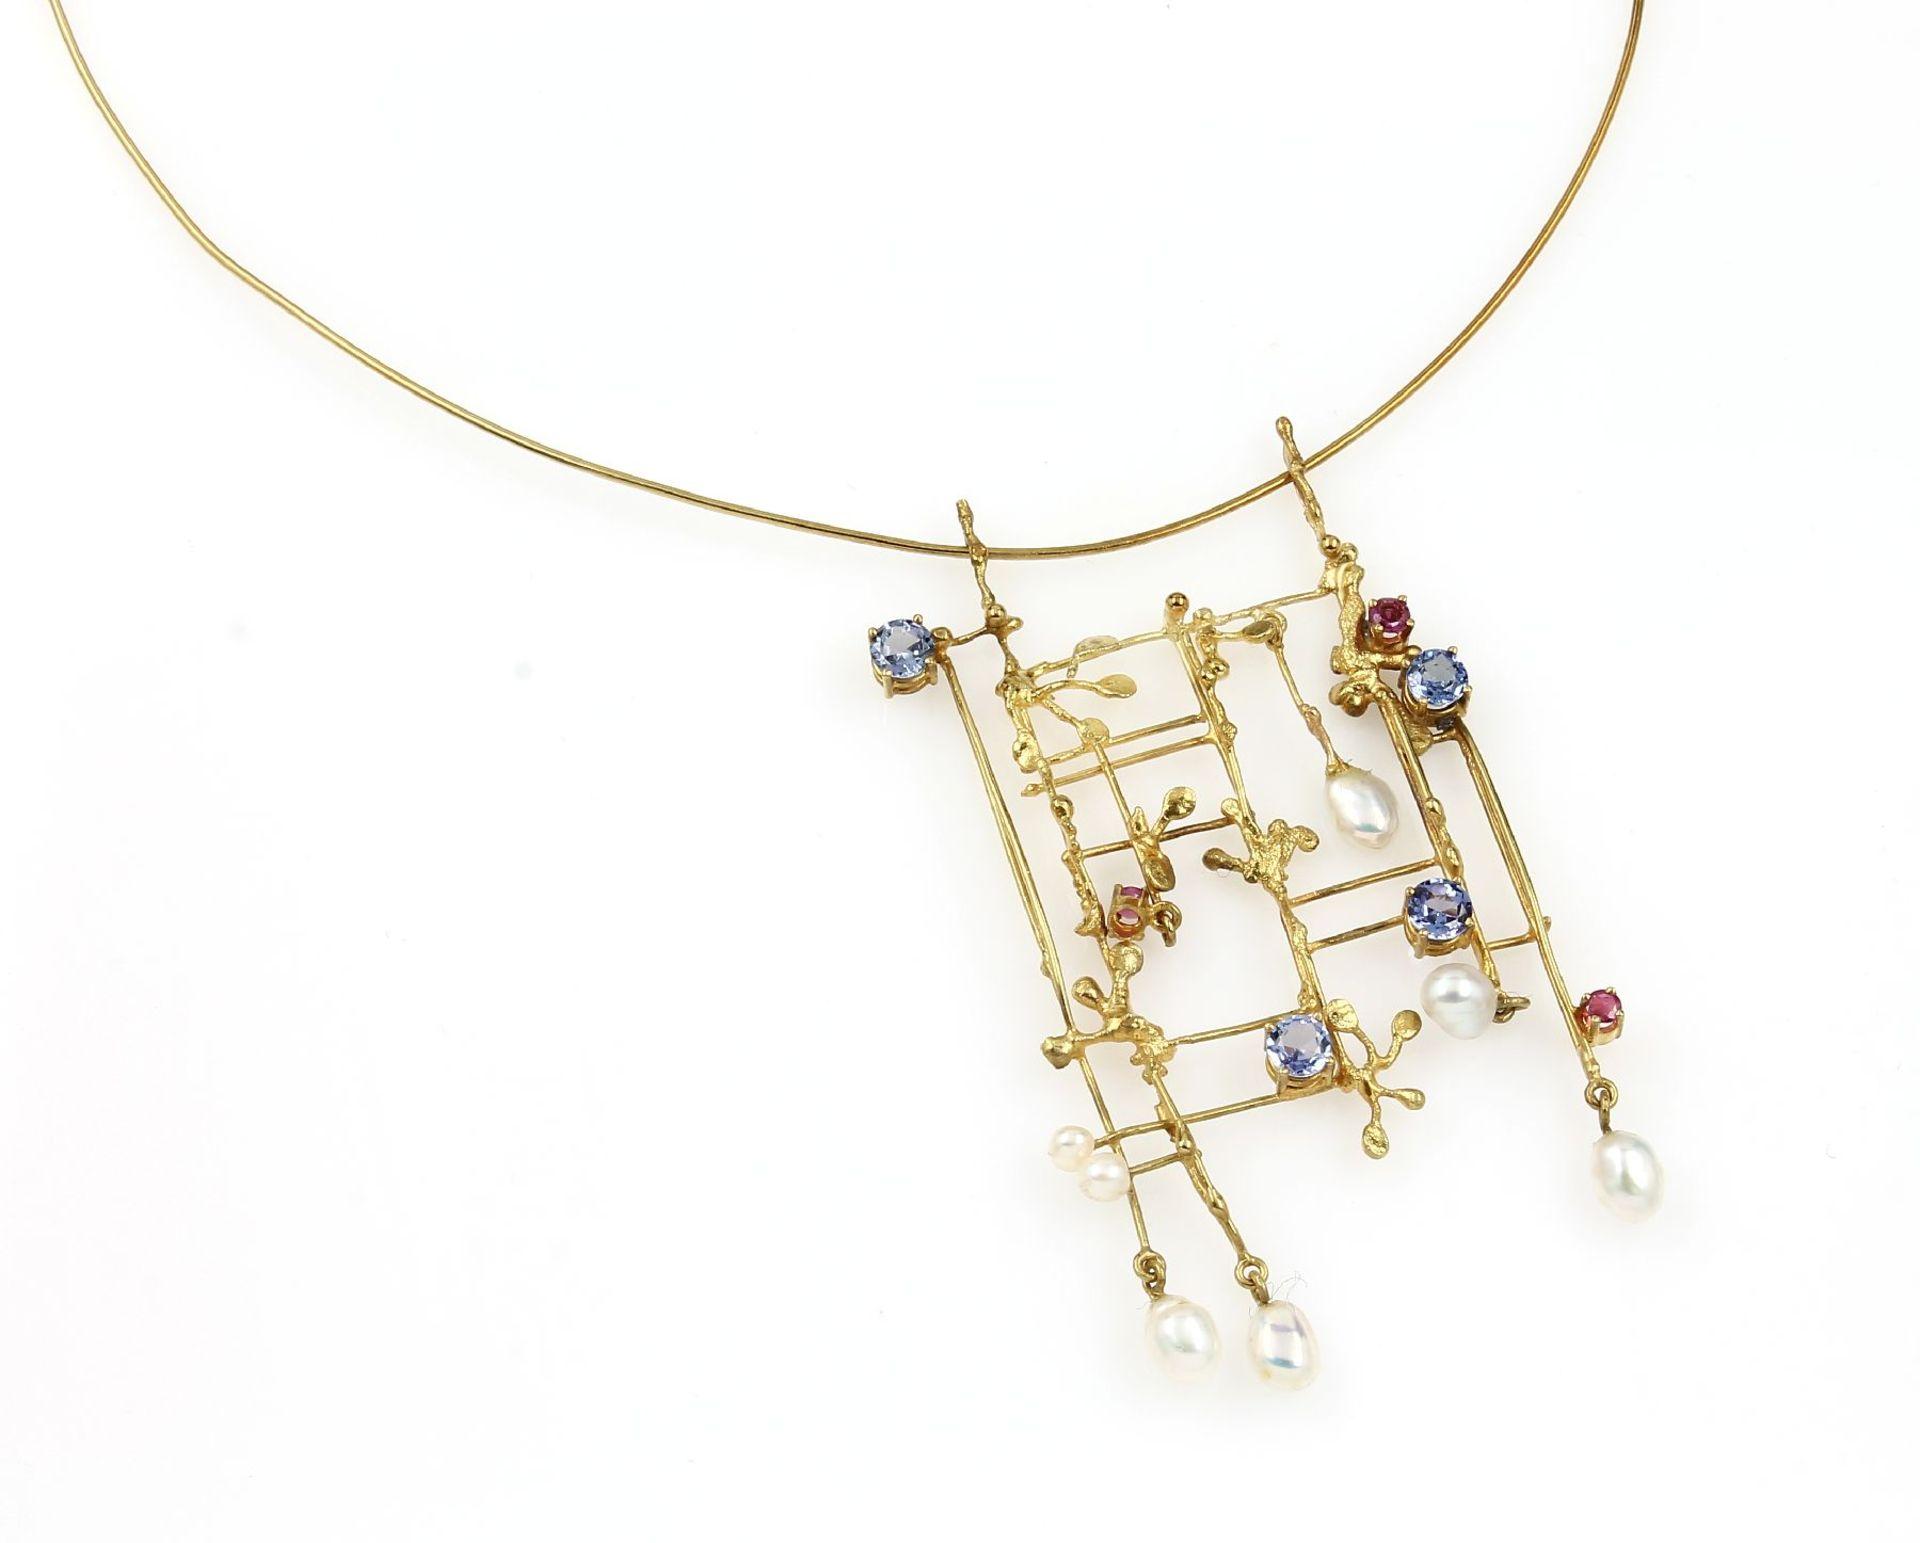 18 kt Gold Designer Collier mit Farbsteinen, GG 750/000, ausgefallenes Design, besetzt mit